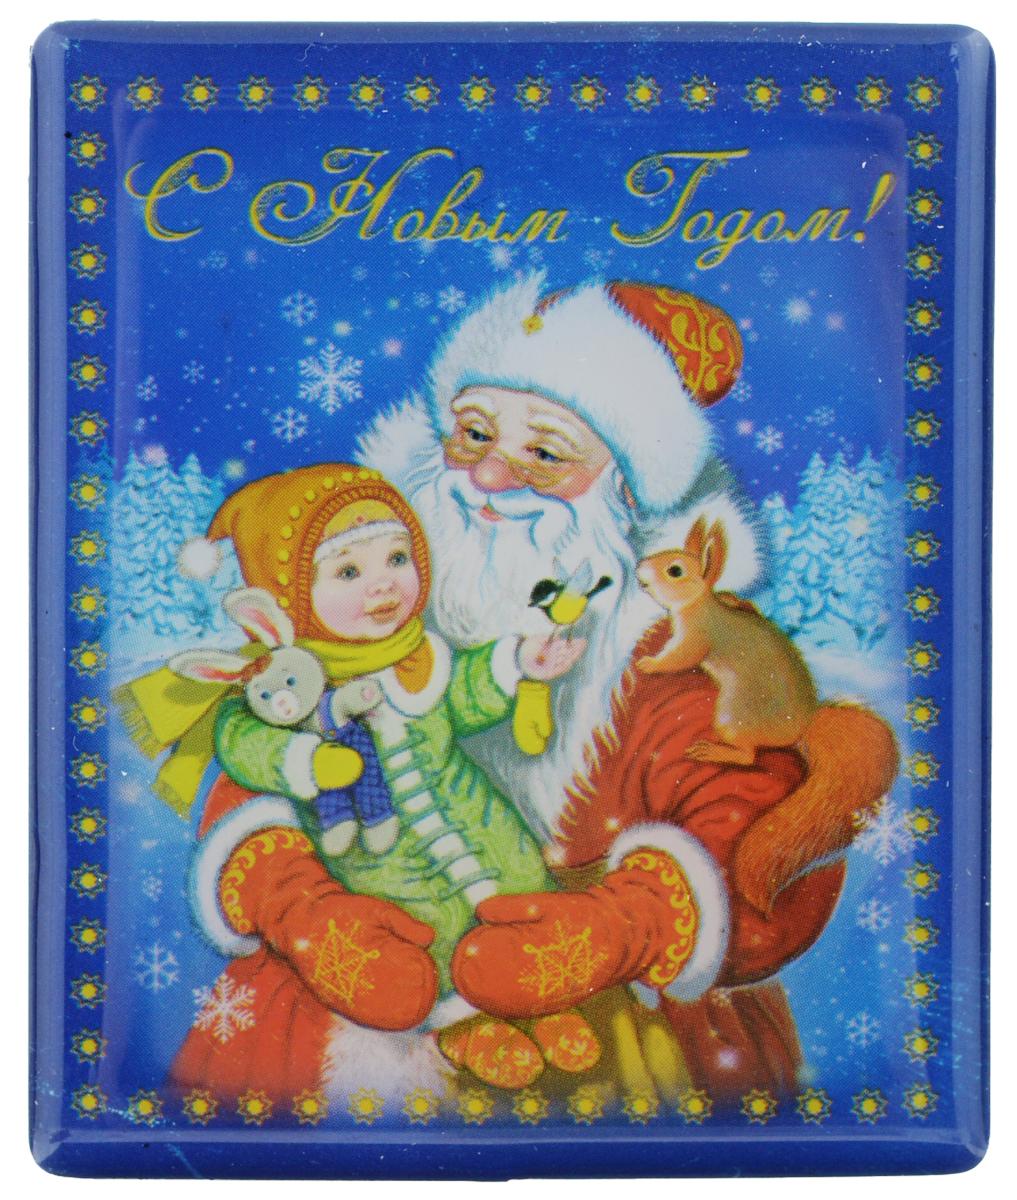 Магнит Феникс-презент Дед Мороз с ребенком, 6 см х 5 см1051599Магнит прямоугольной формы Феникс-презент Дед Мороз с ребенком, выполненный из агломерированного феррита, станет приятным штрихом в повседневной жизни. Оригинальный магнит поможет вам украсить не только холодильник, но и любую другую магнитную поверхность. Материал: агломерированный феррит.